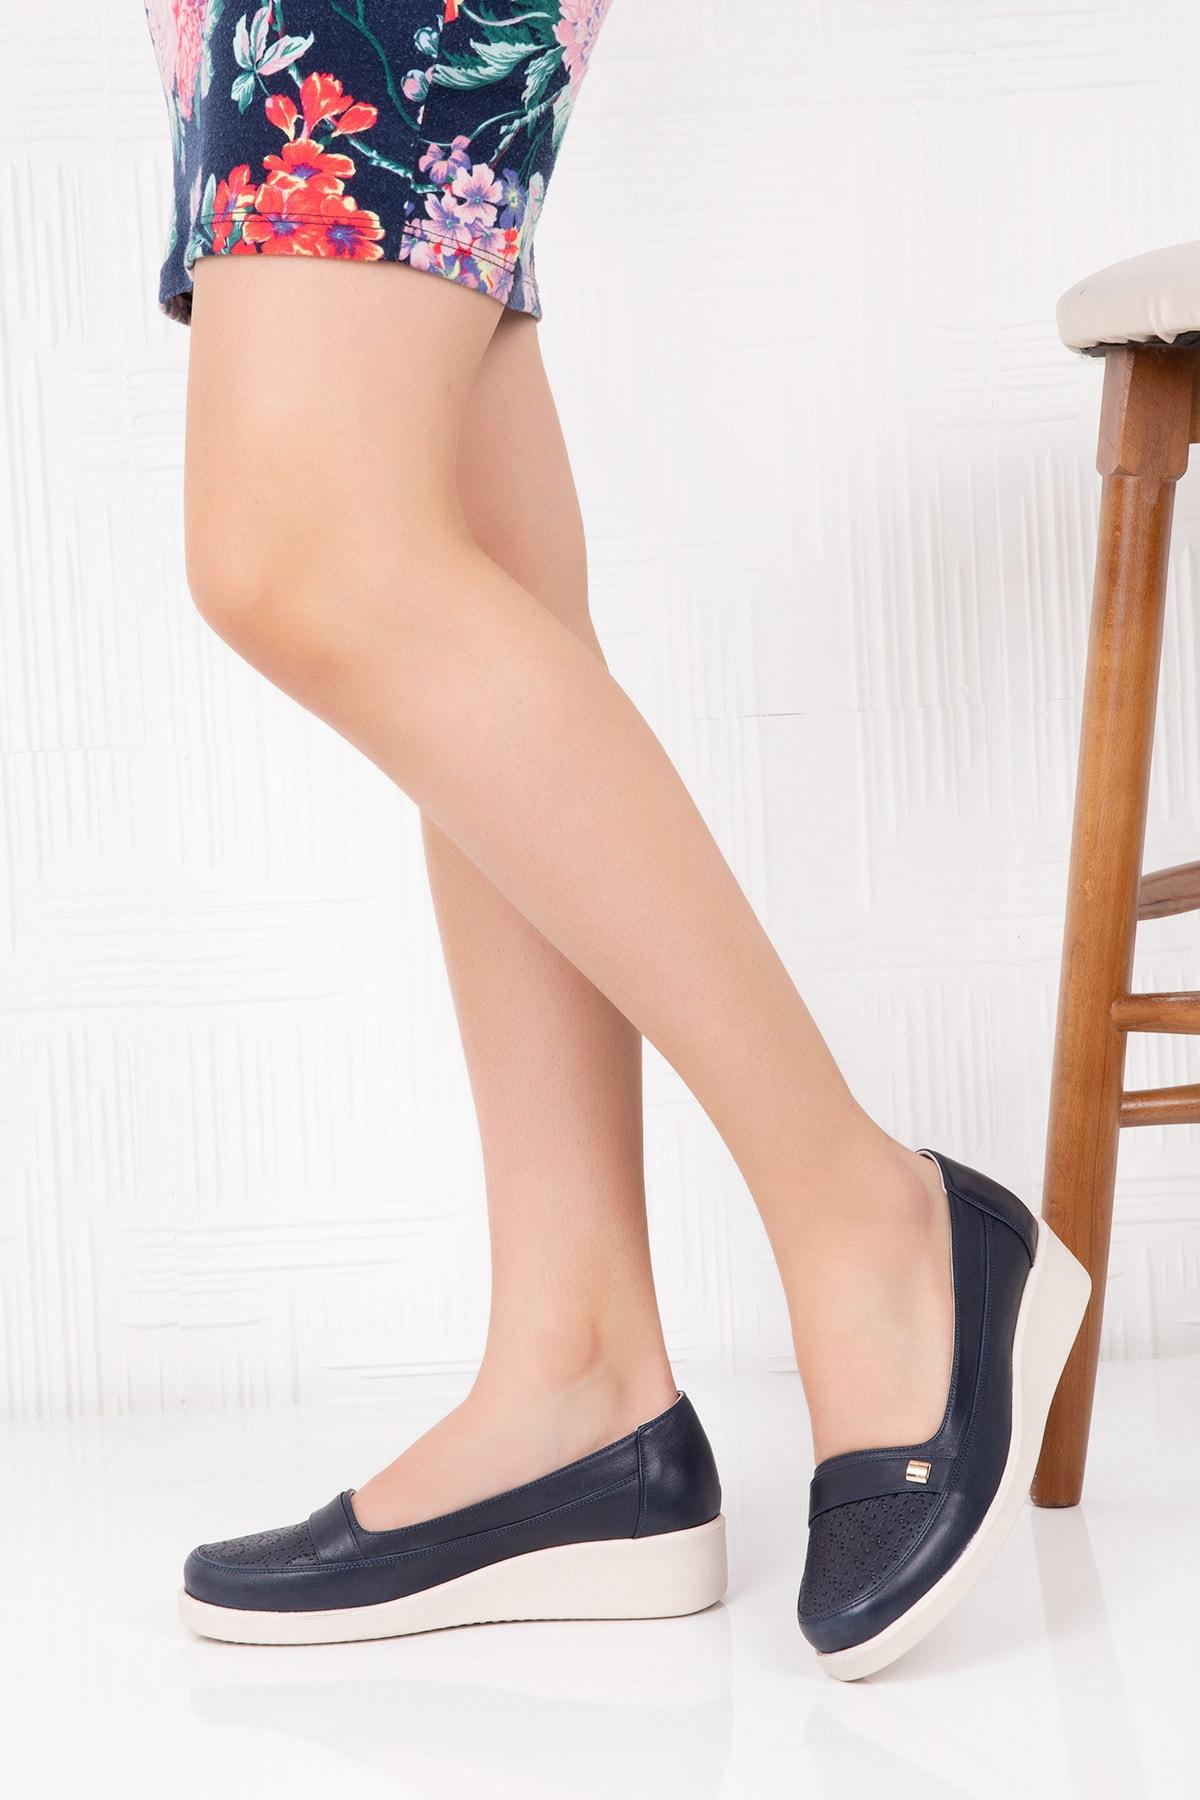 Gondol Kadın Hakiki Deri Ortopedik Taban Günlük Ayakkabı 2